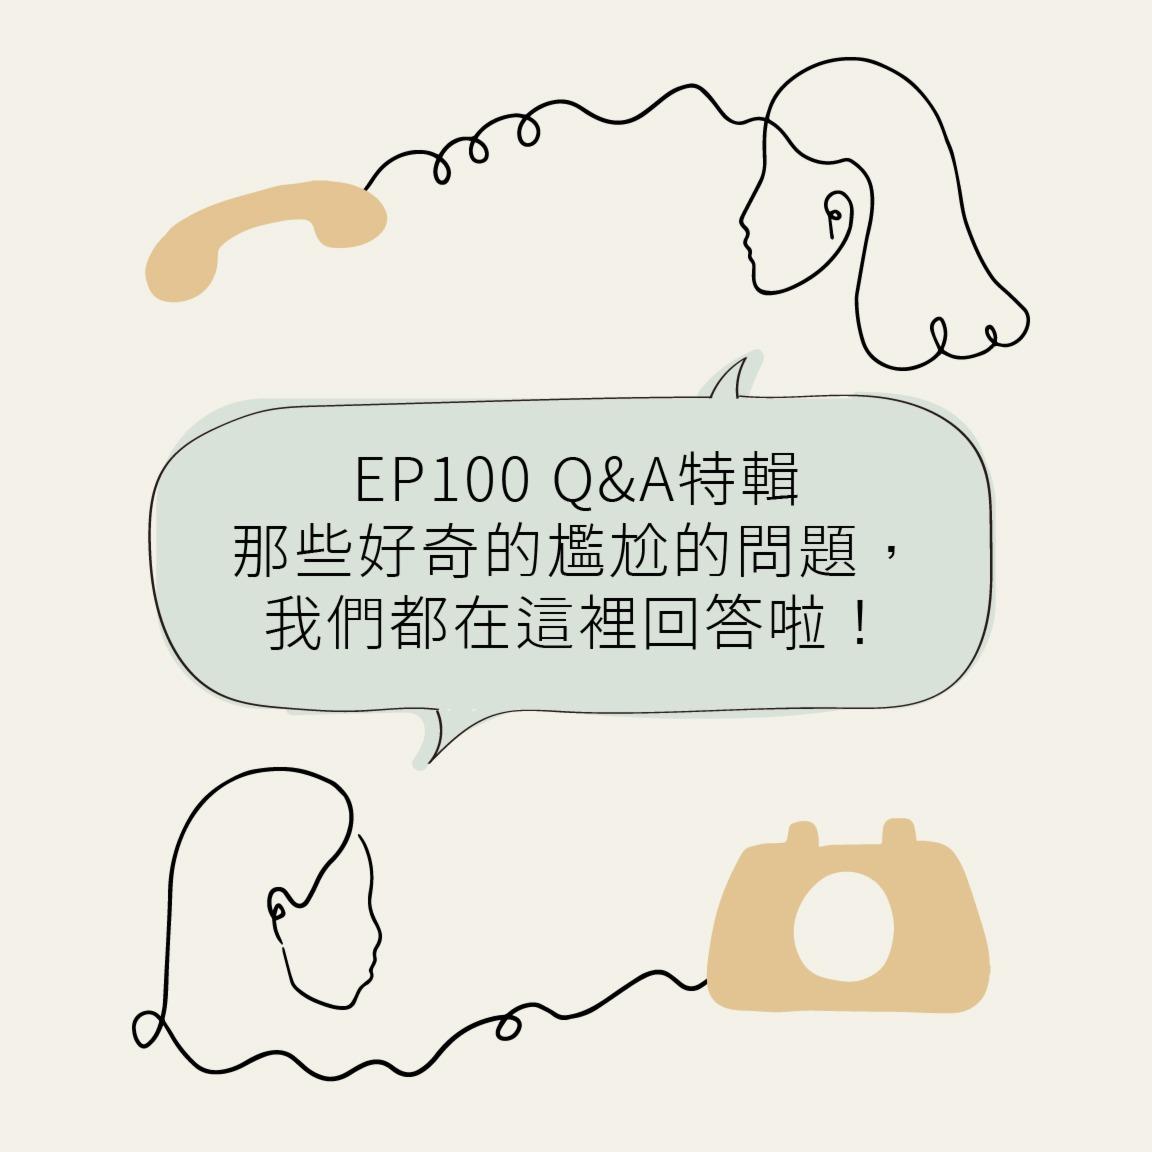 EP100 Q&A特辑:那些好奇的尴尬的问题,我们都在这里回答啦!